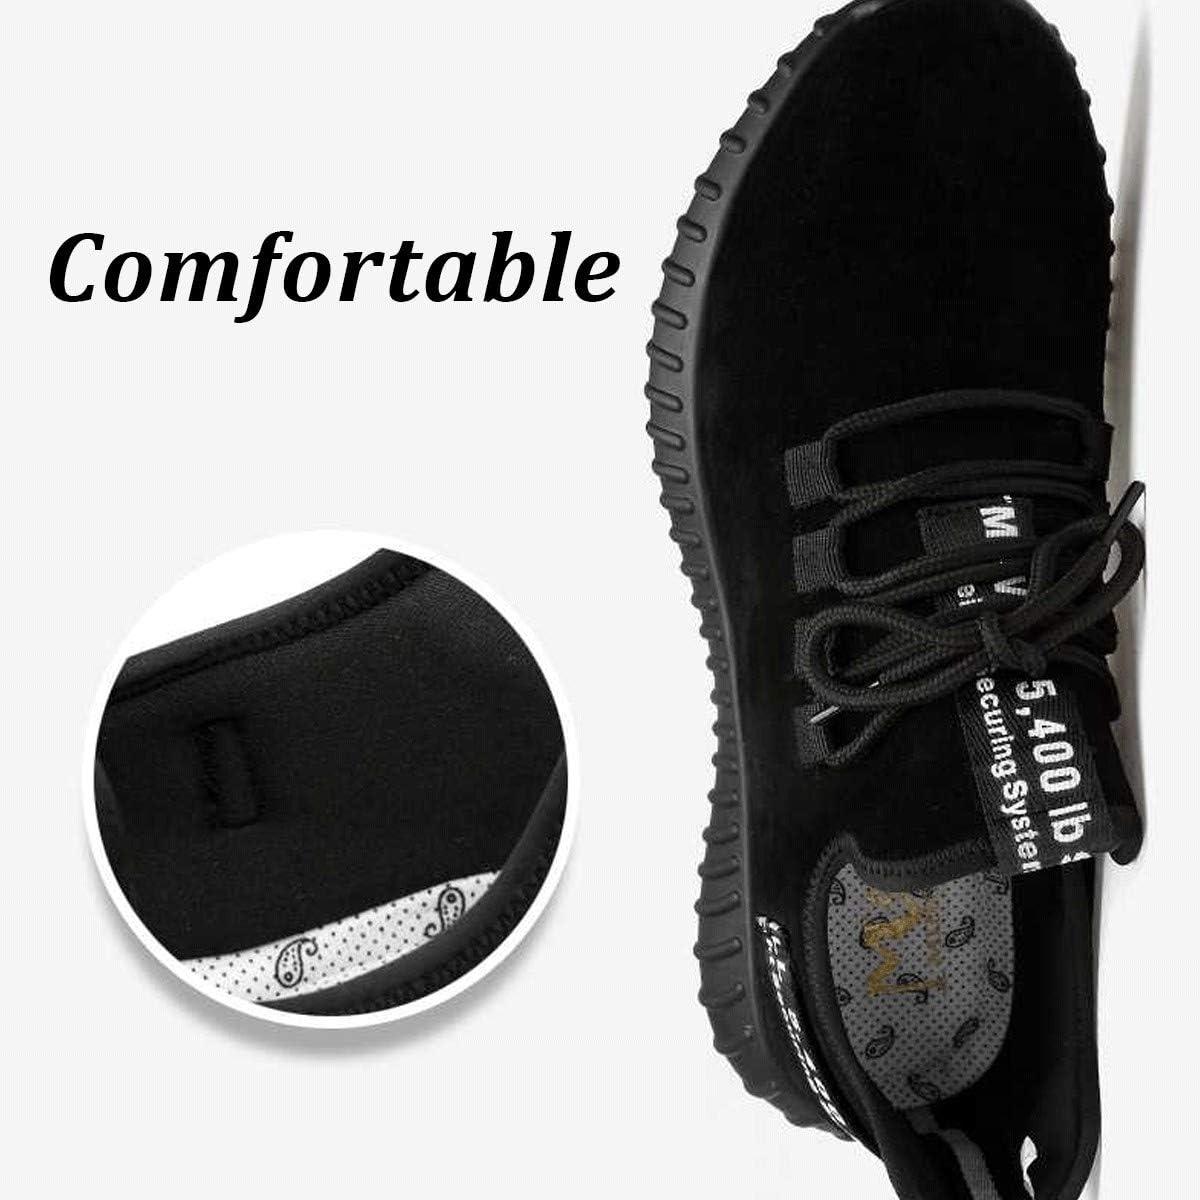 punta de acero protecci/ón ligera Chnhira Zapatos de seguridad para hombre zapatillas de trabajo unisex